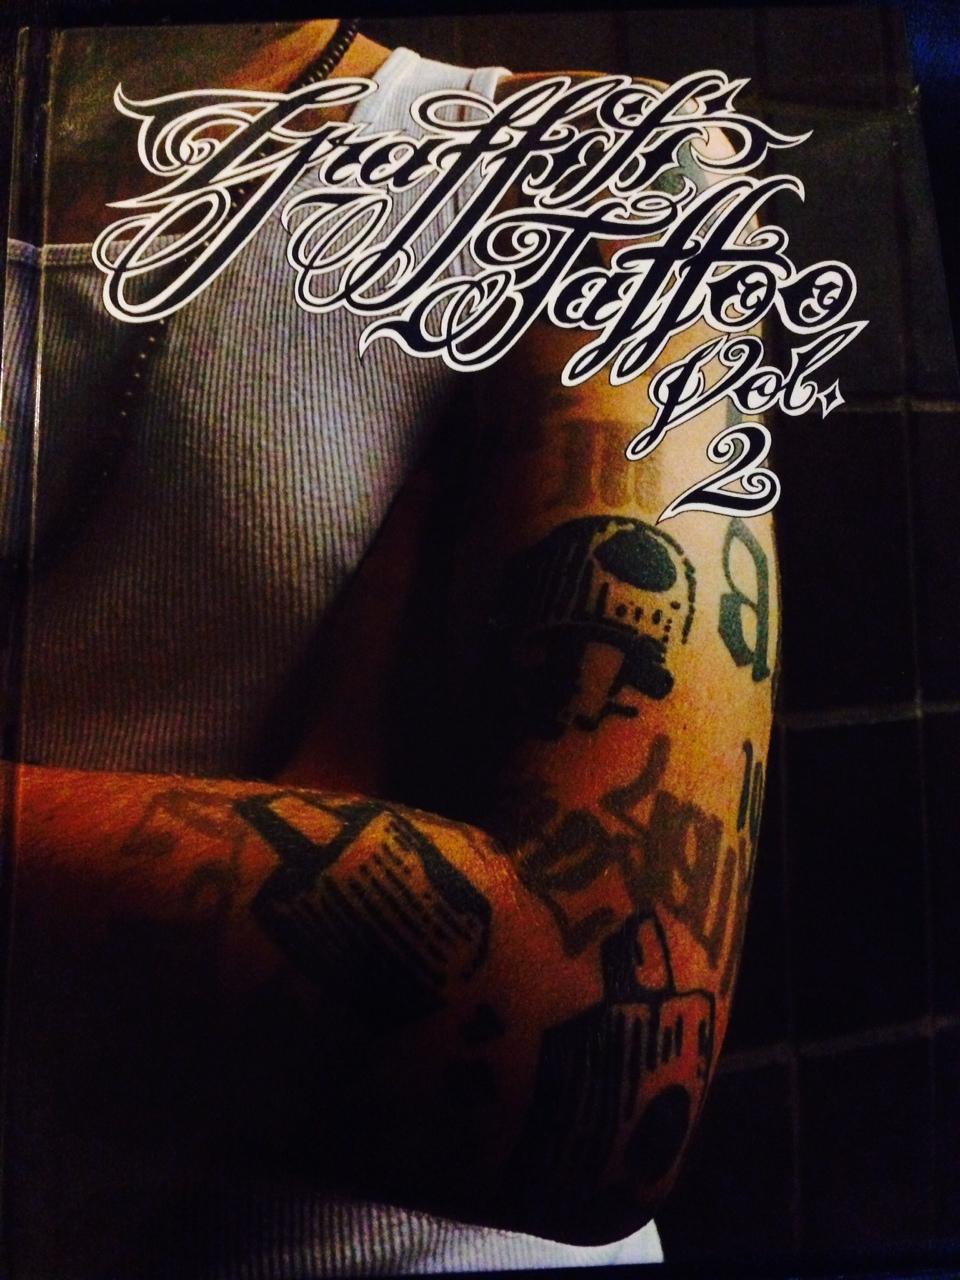 Graffiti Tattoo Vol 2  by Allen Ket